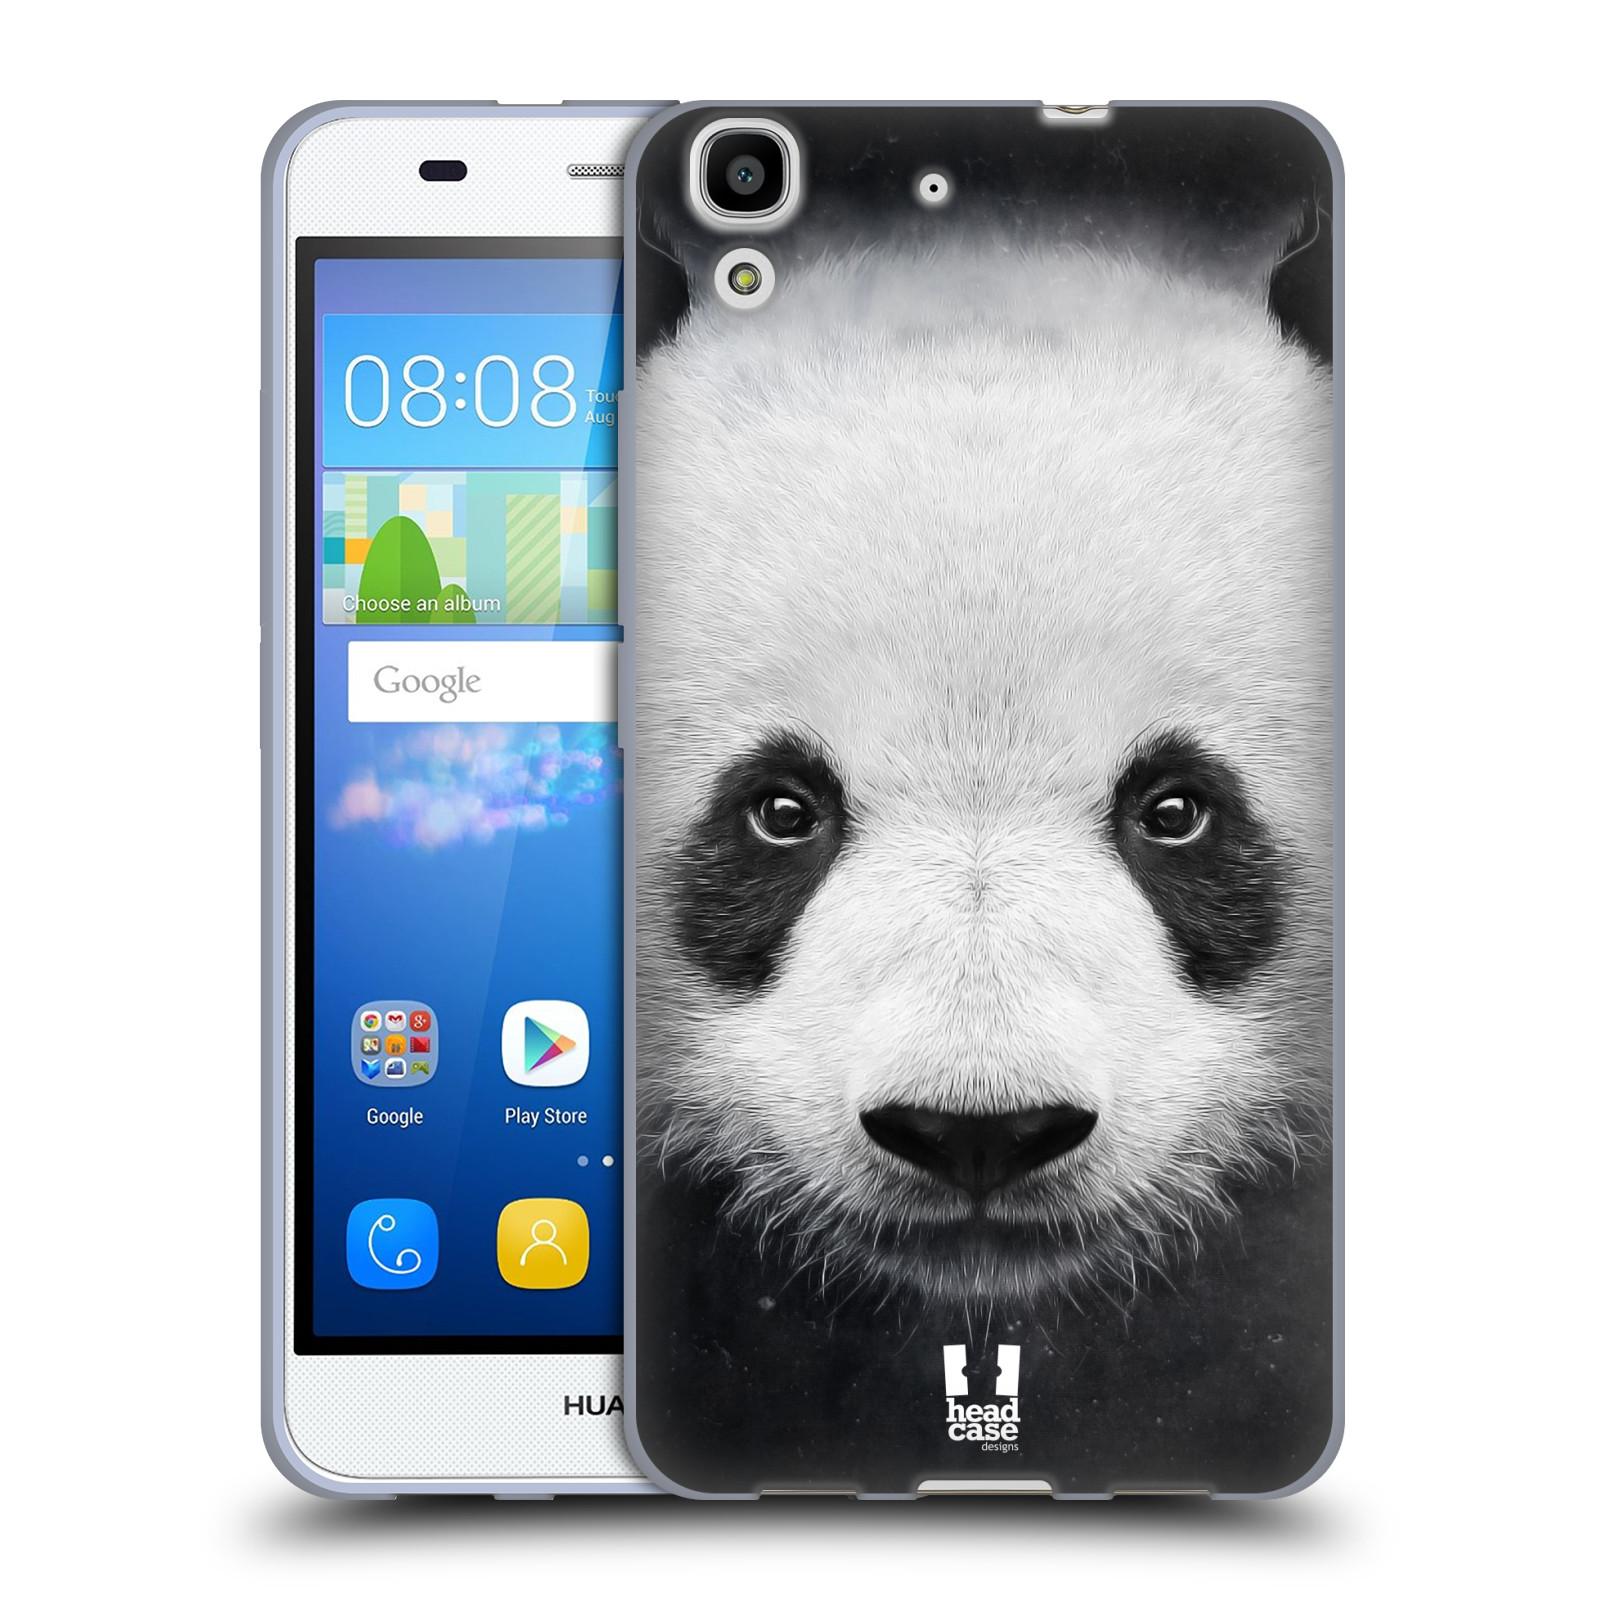 HEAD CASE silikonový obal na mobil HUAWEI Y6 vzor Zvířecí tváře medvěd panda